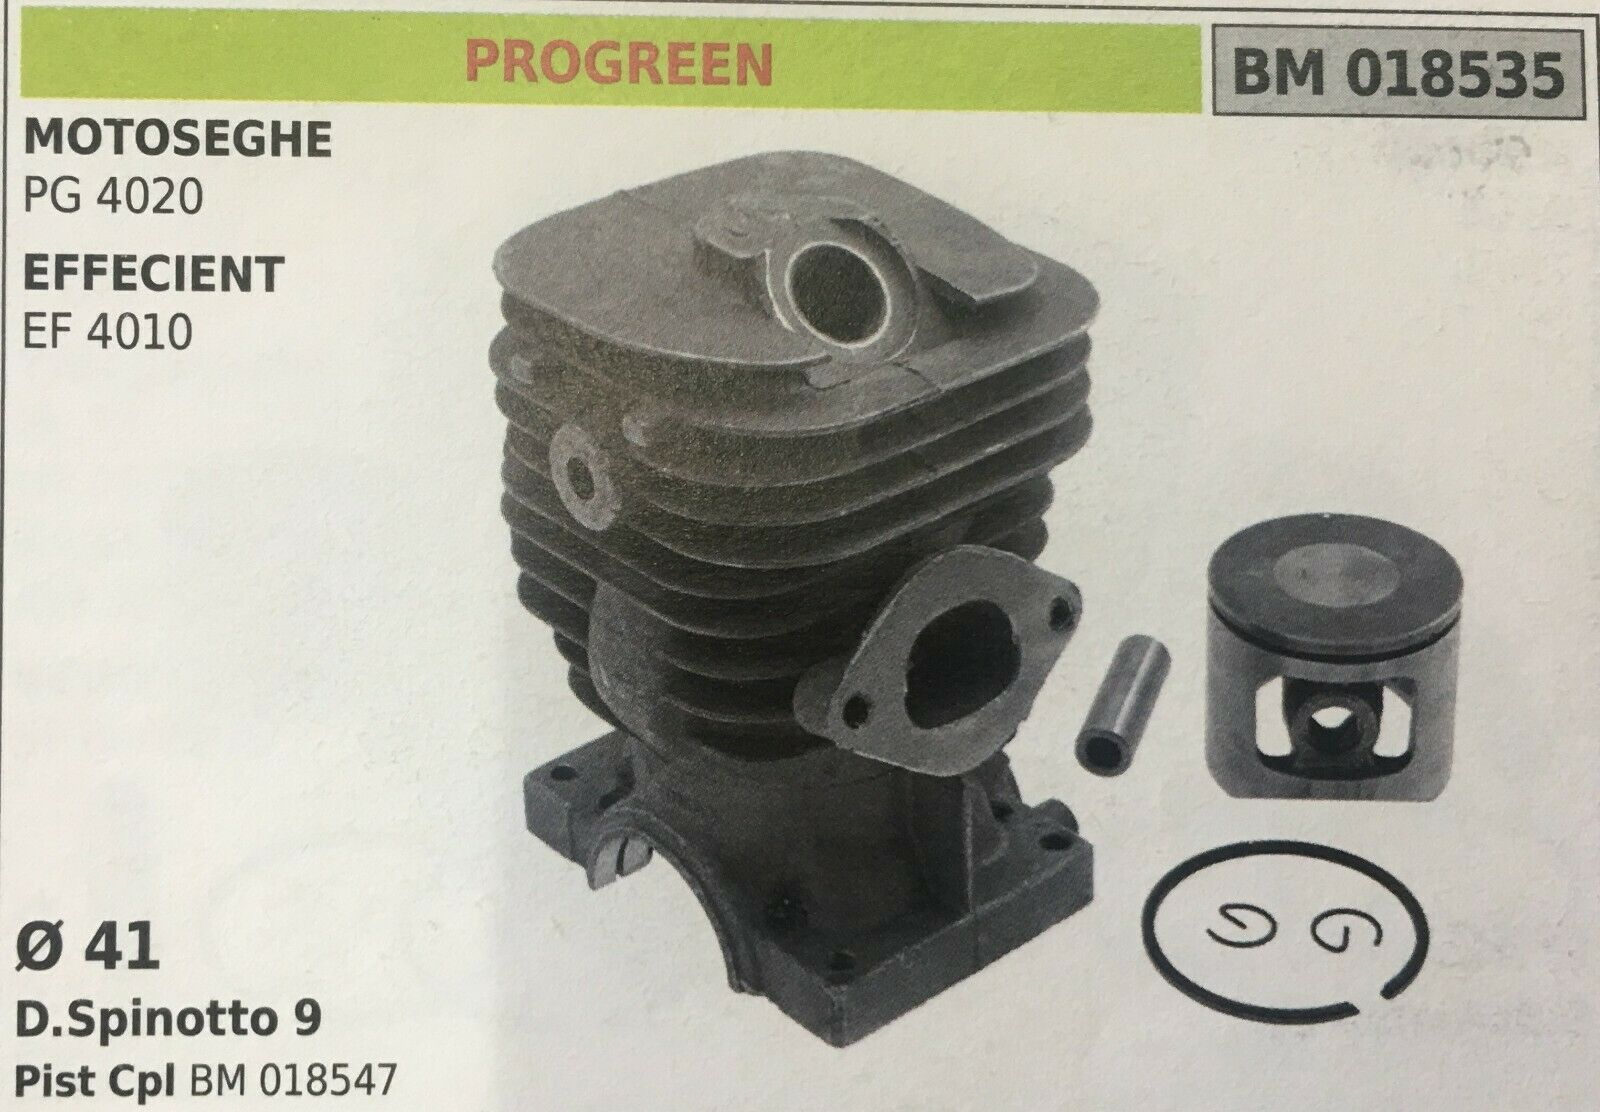 Cilindro Completo por Pistón y Segmentos Brumar BM018535 Proverde